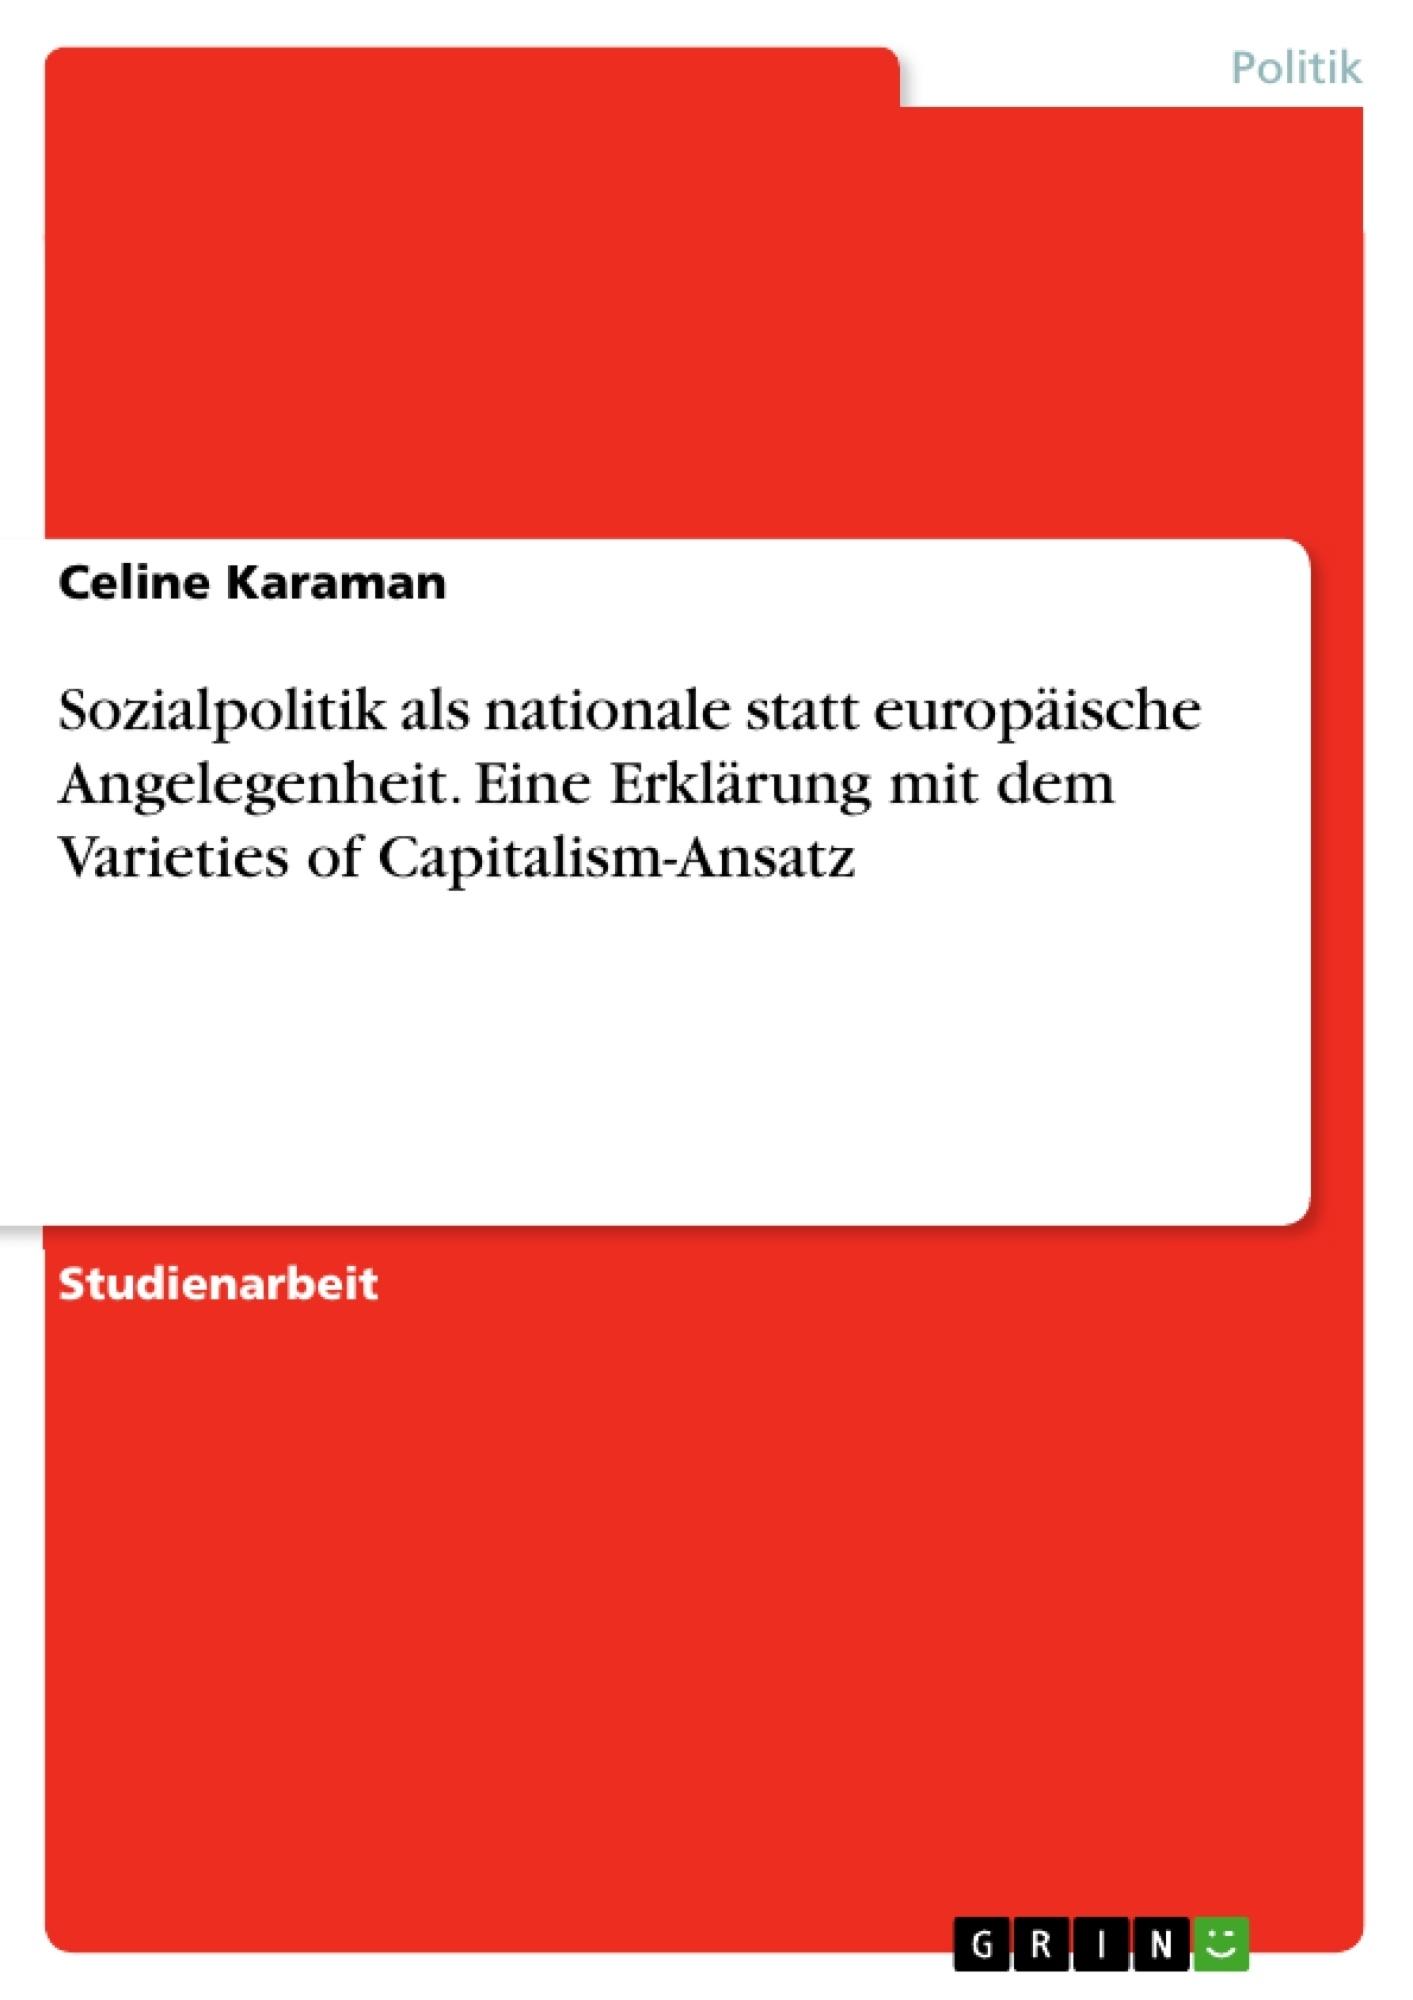 Titel: Sozialpolitik als nationale statt europäische Angelegenheit. Eine Erklärung mit dem Varieties of Capitalism-Ansatz